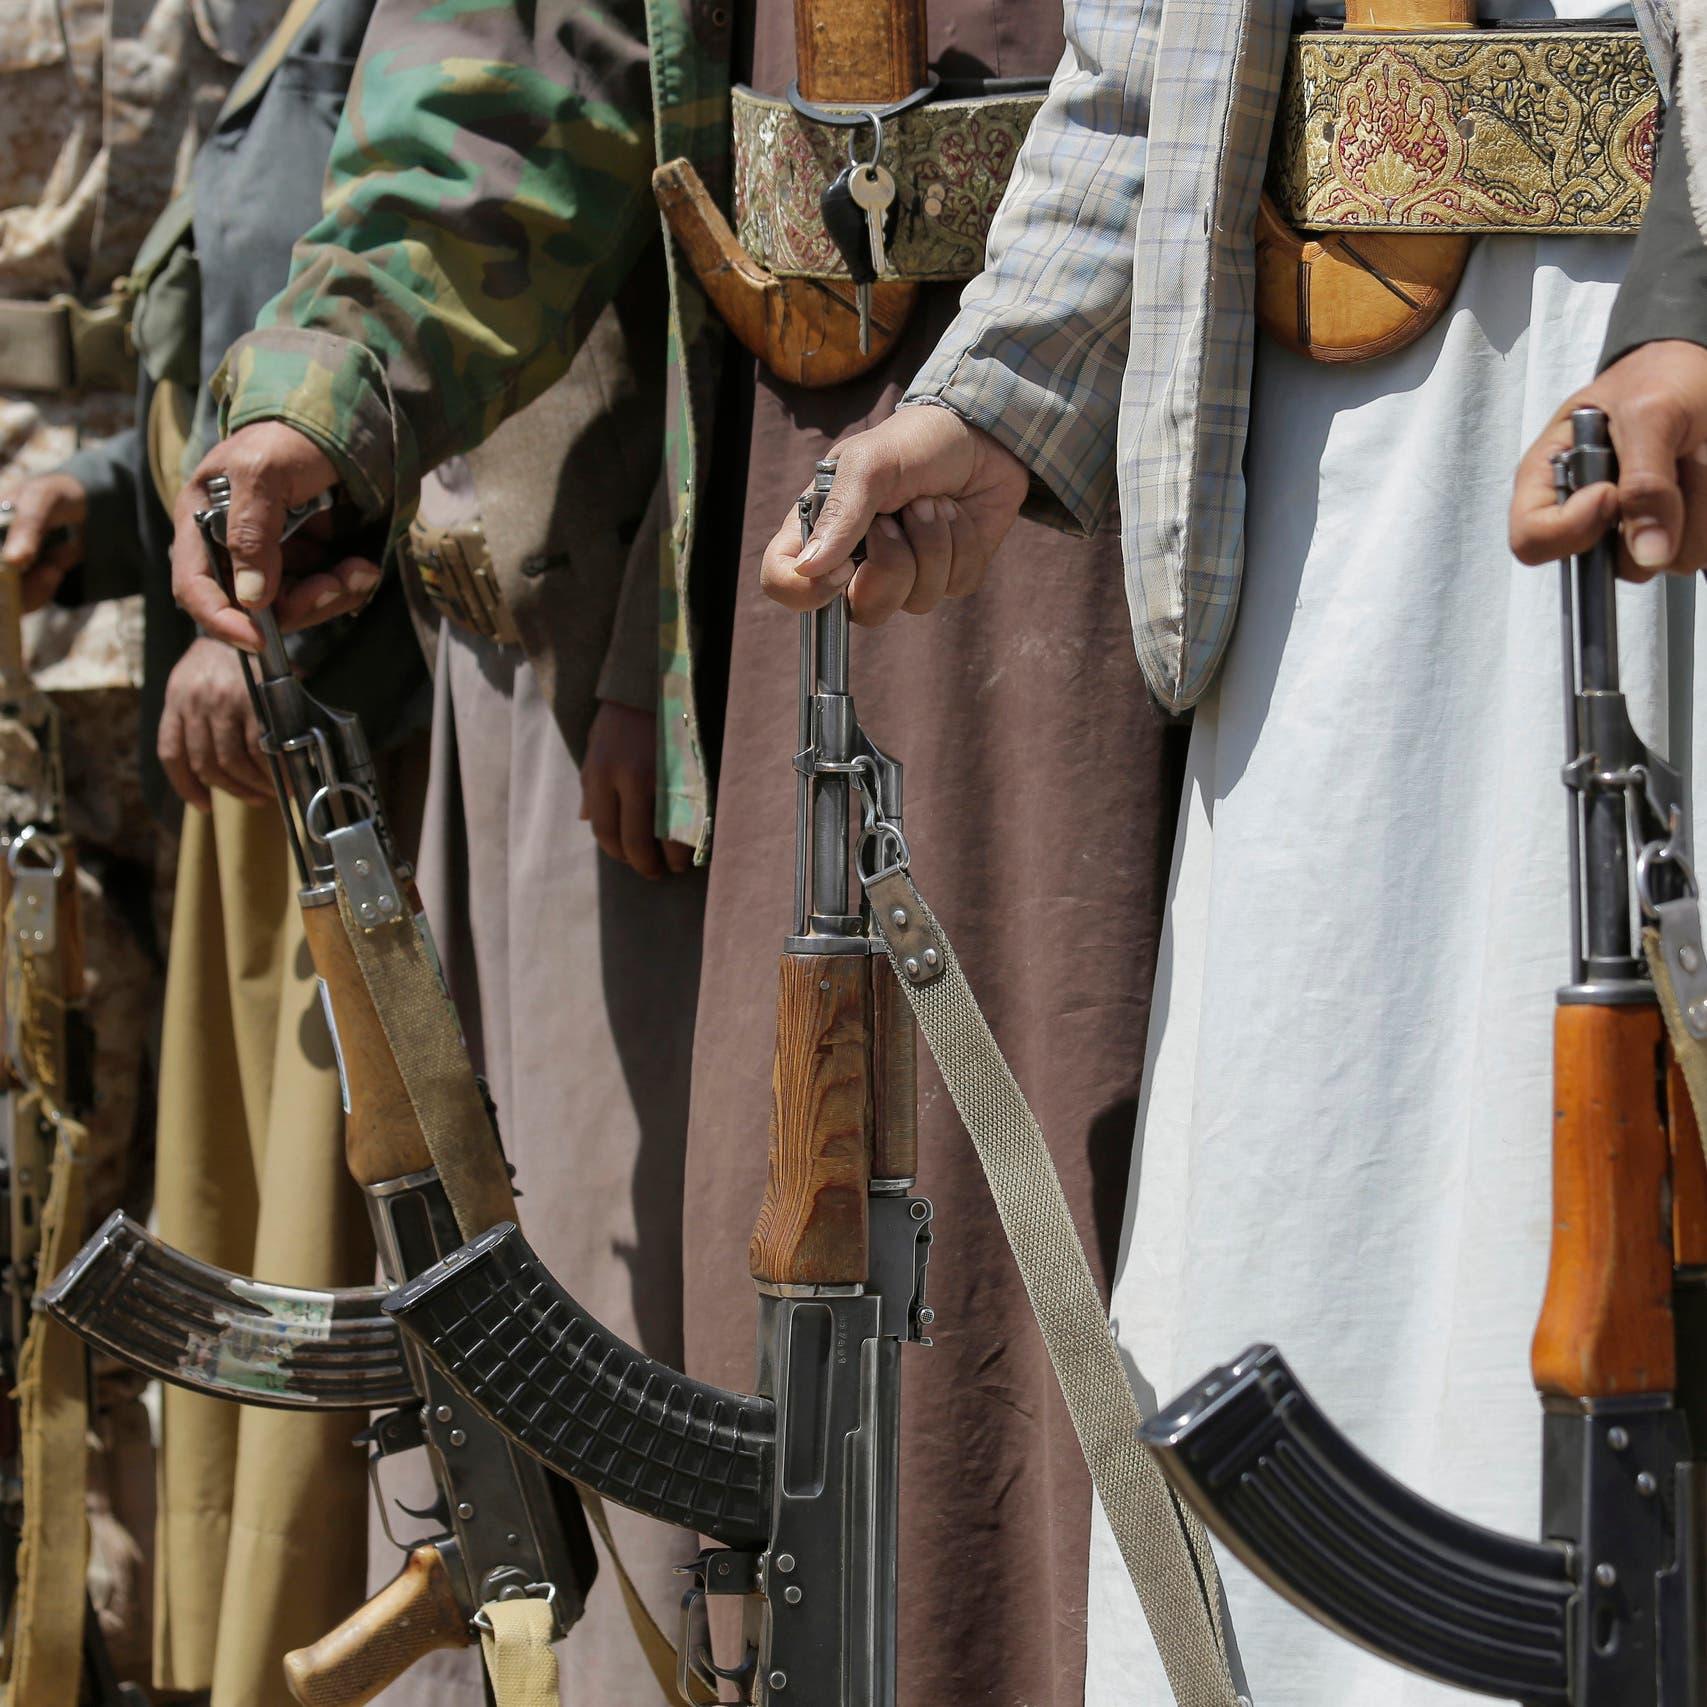 اليمن.. ميليشيا الحوثي تتكبد خسائر كبيرة في 4 قطاعات